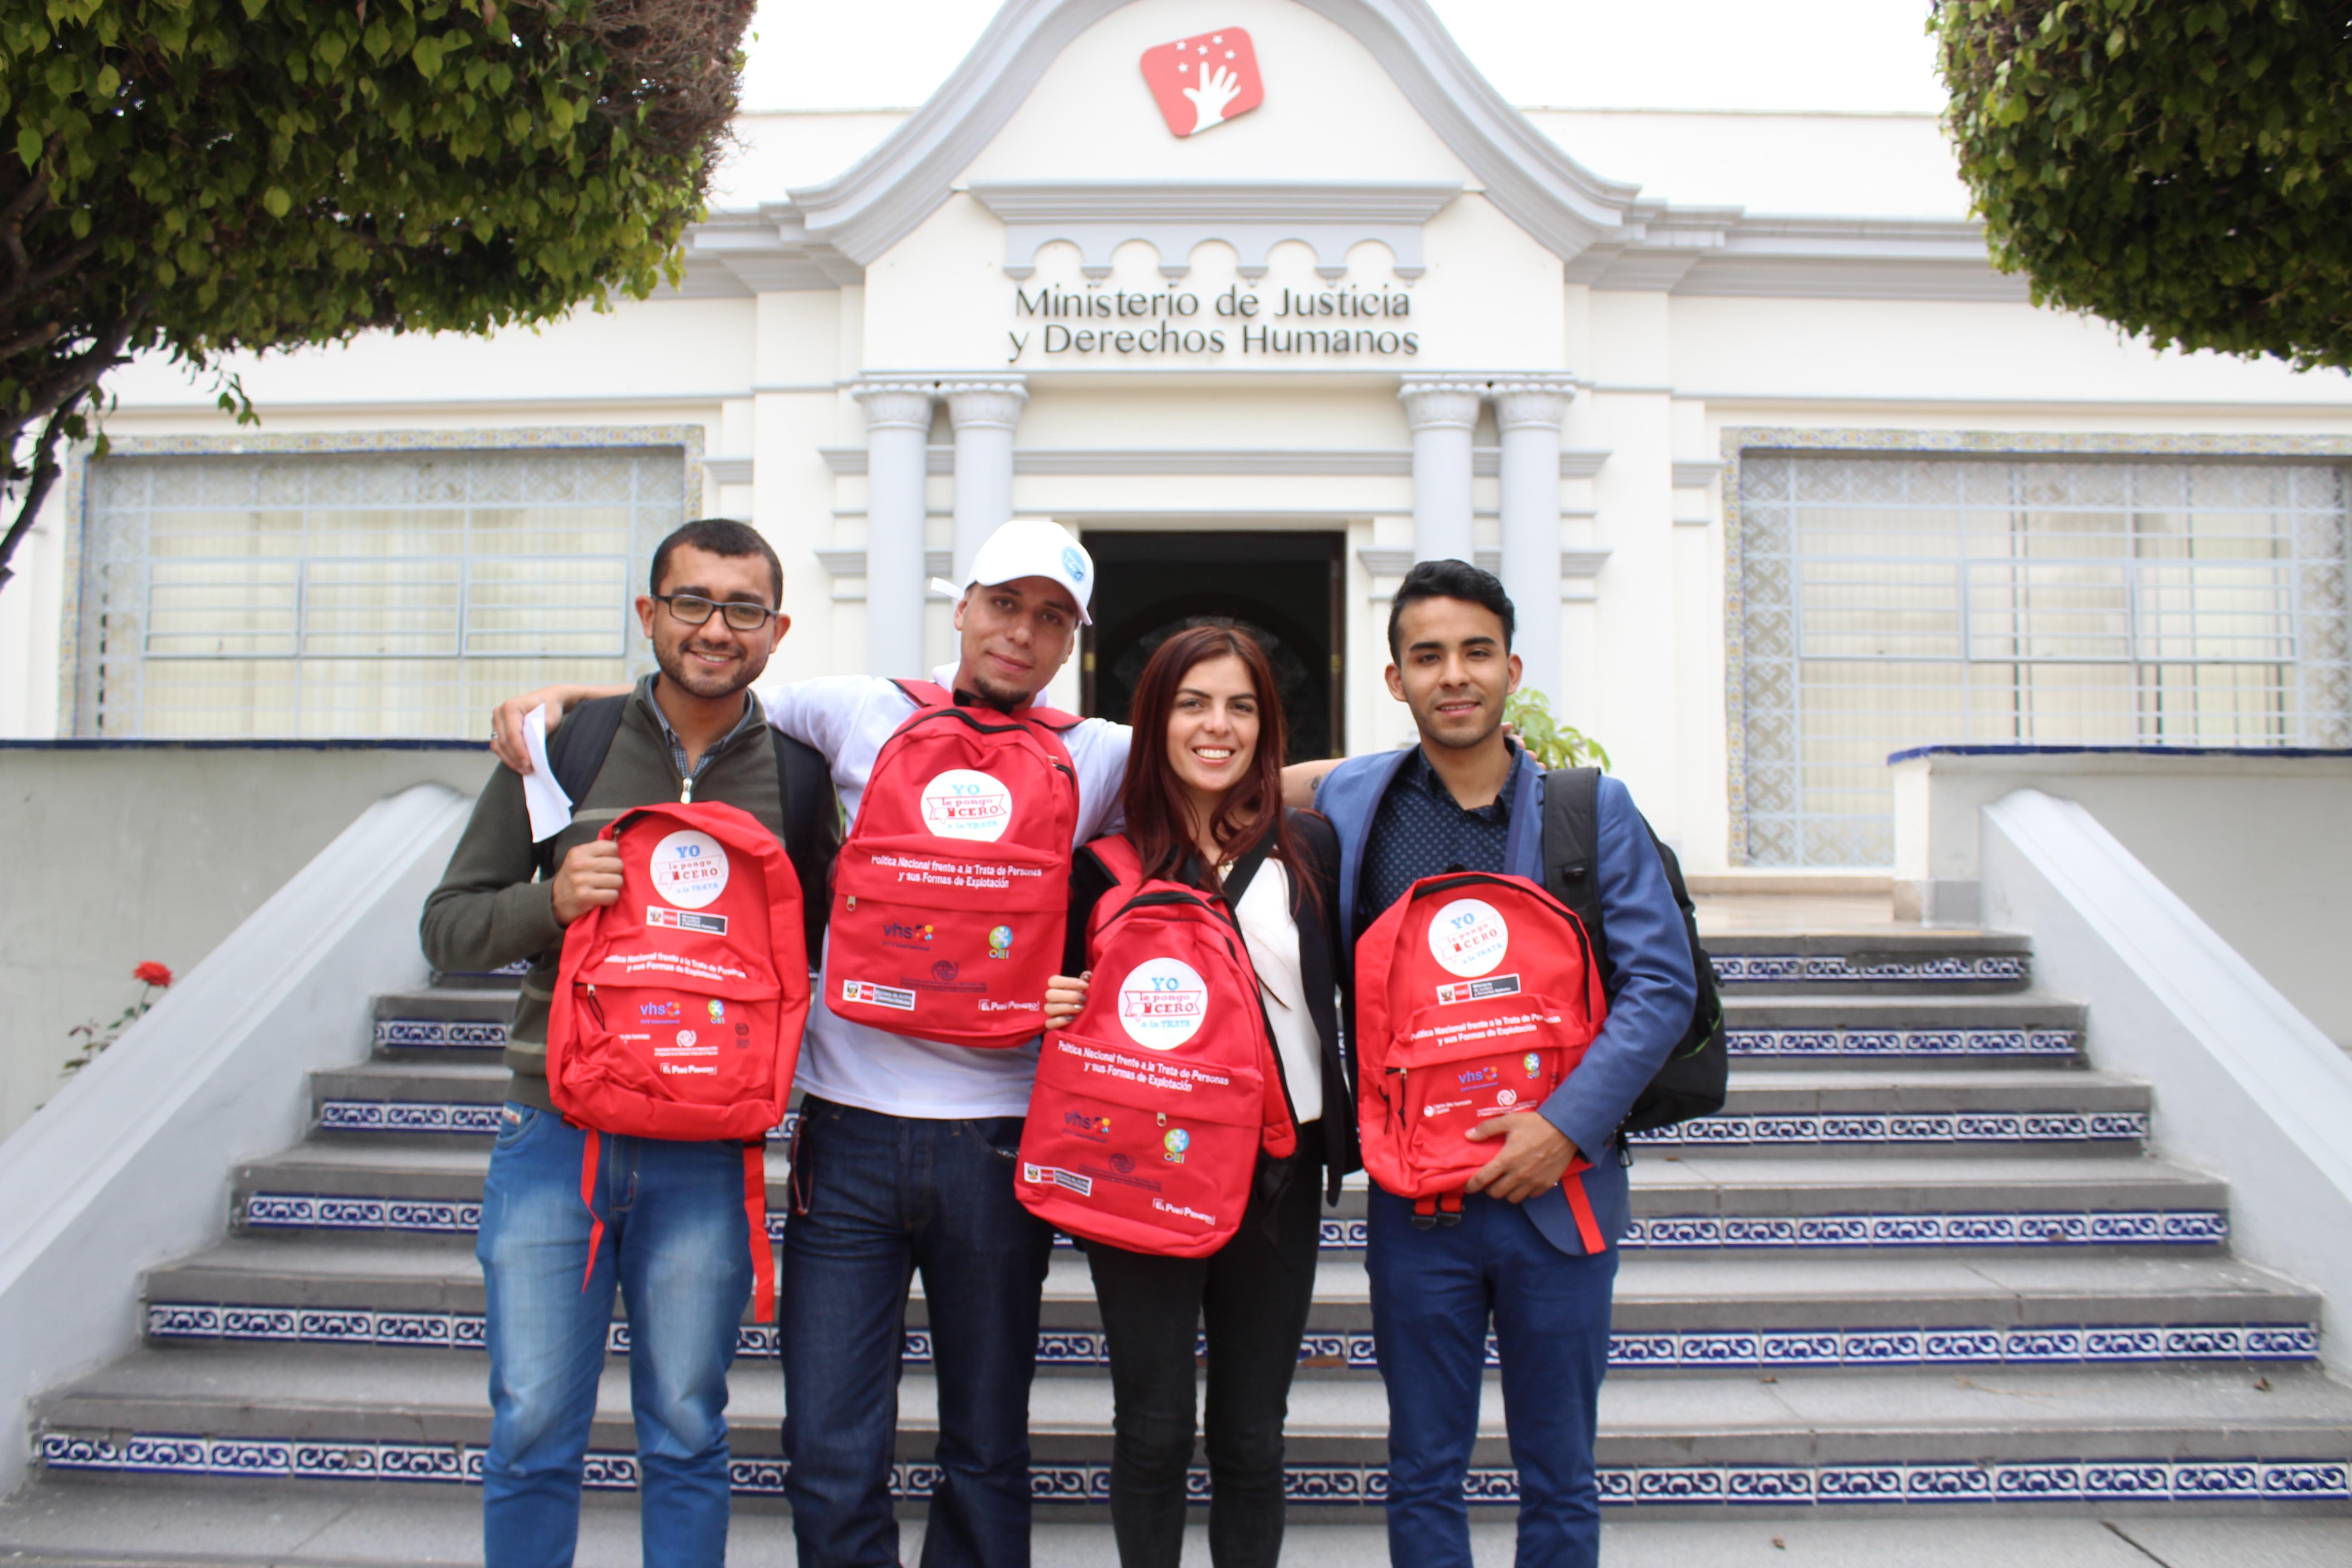 Perú acogió a la Fundación Pasos Libres